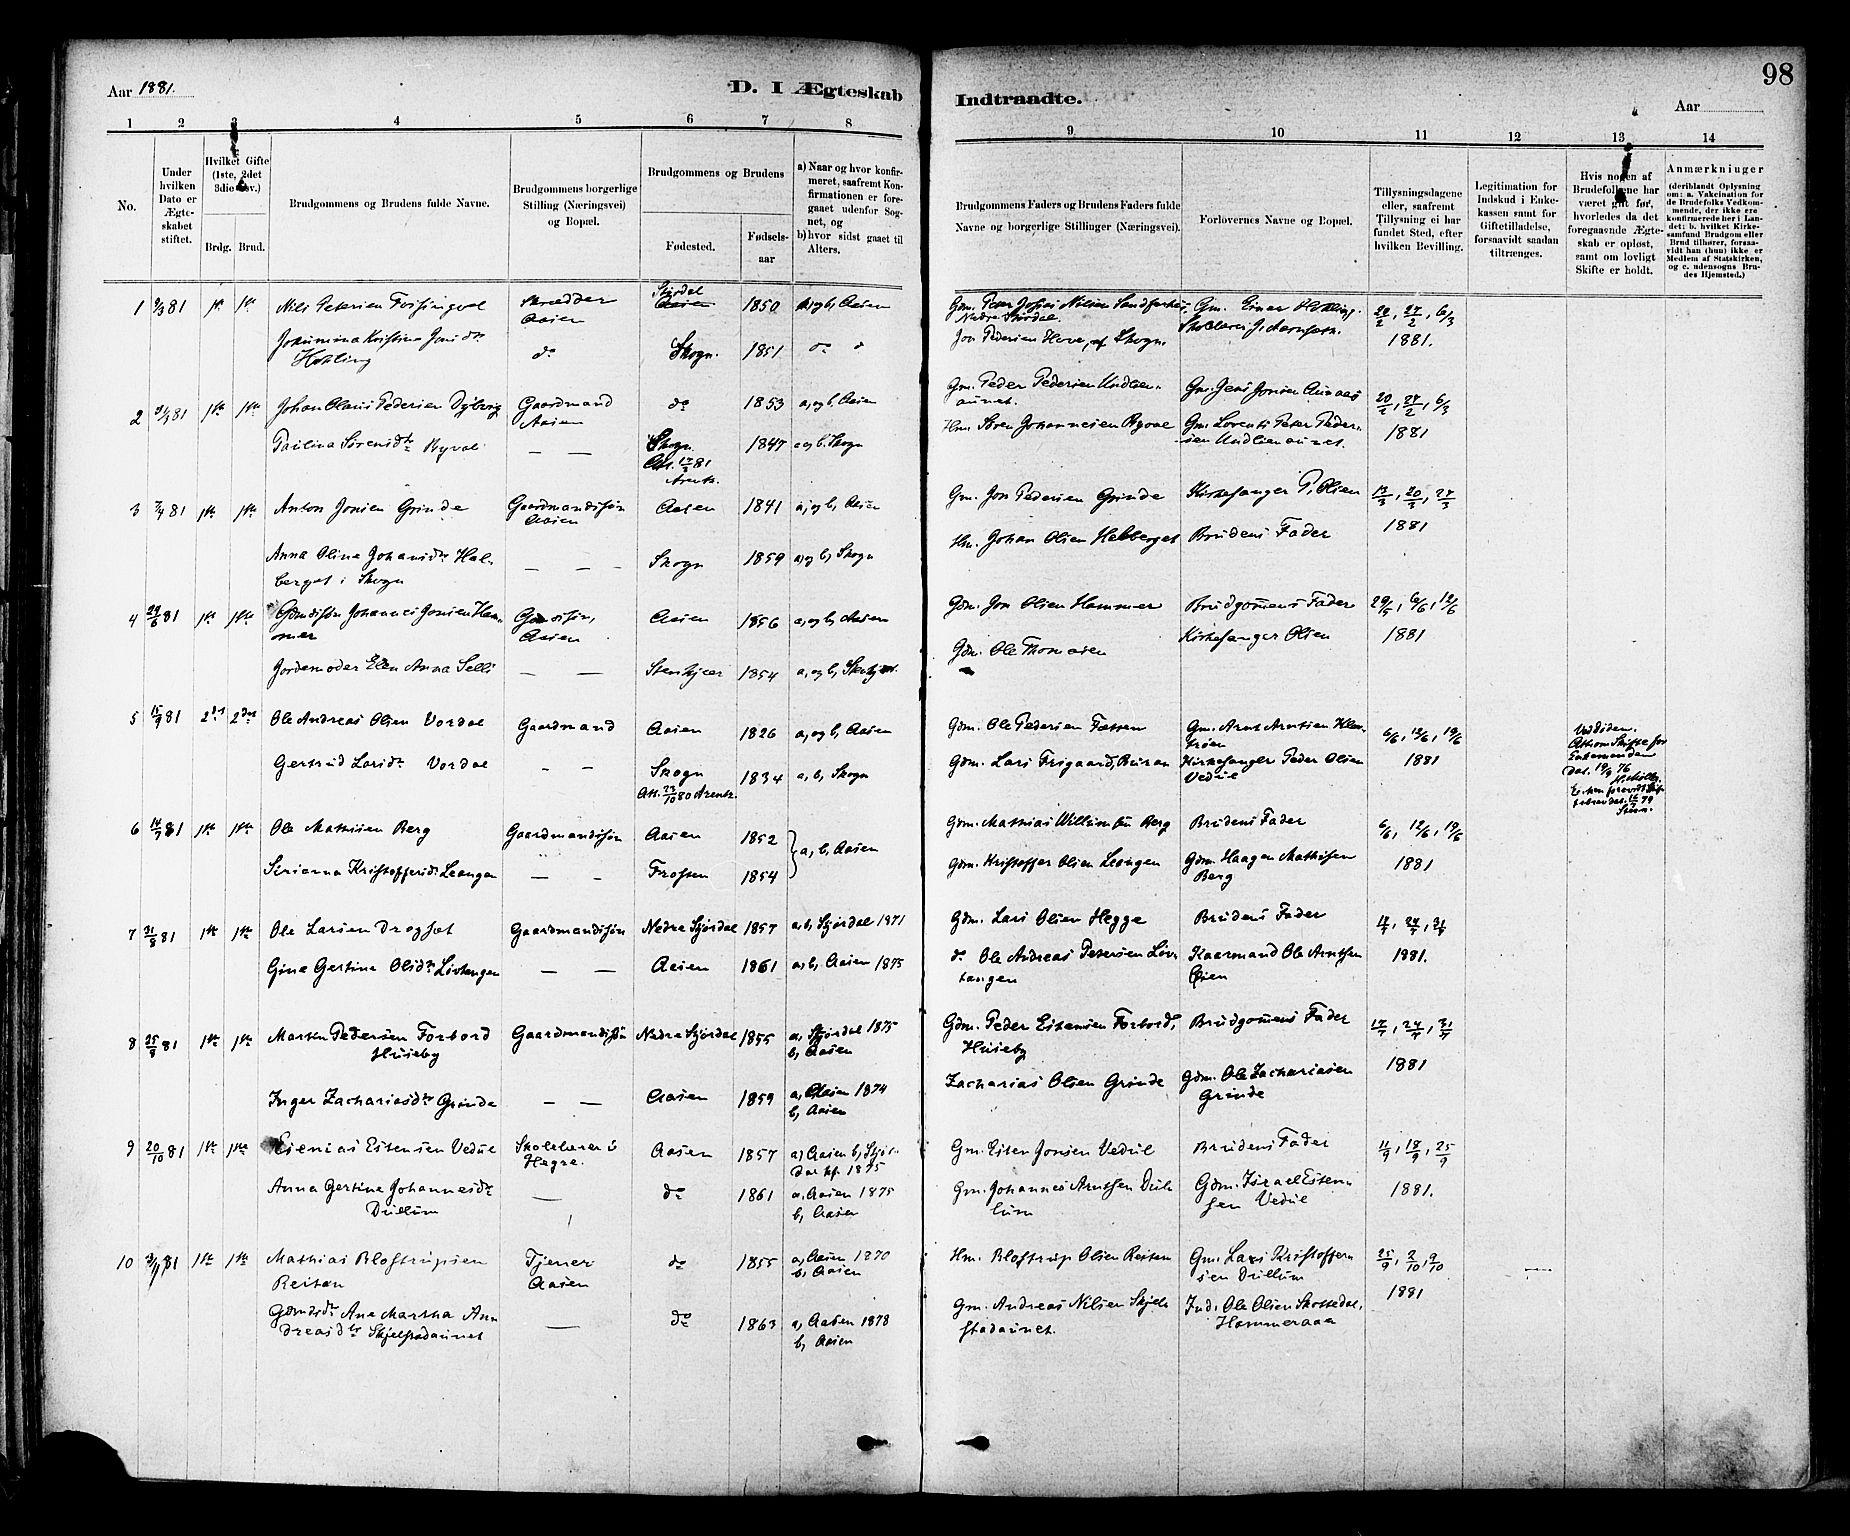 SAT, Ministerialprotokoller, klokkerbøker og fødselsregistre - Nord-Trøndelag, 714/L0130: Ministerialbok nr. 714A01, 1878-1895, s. 98